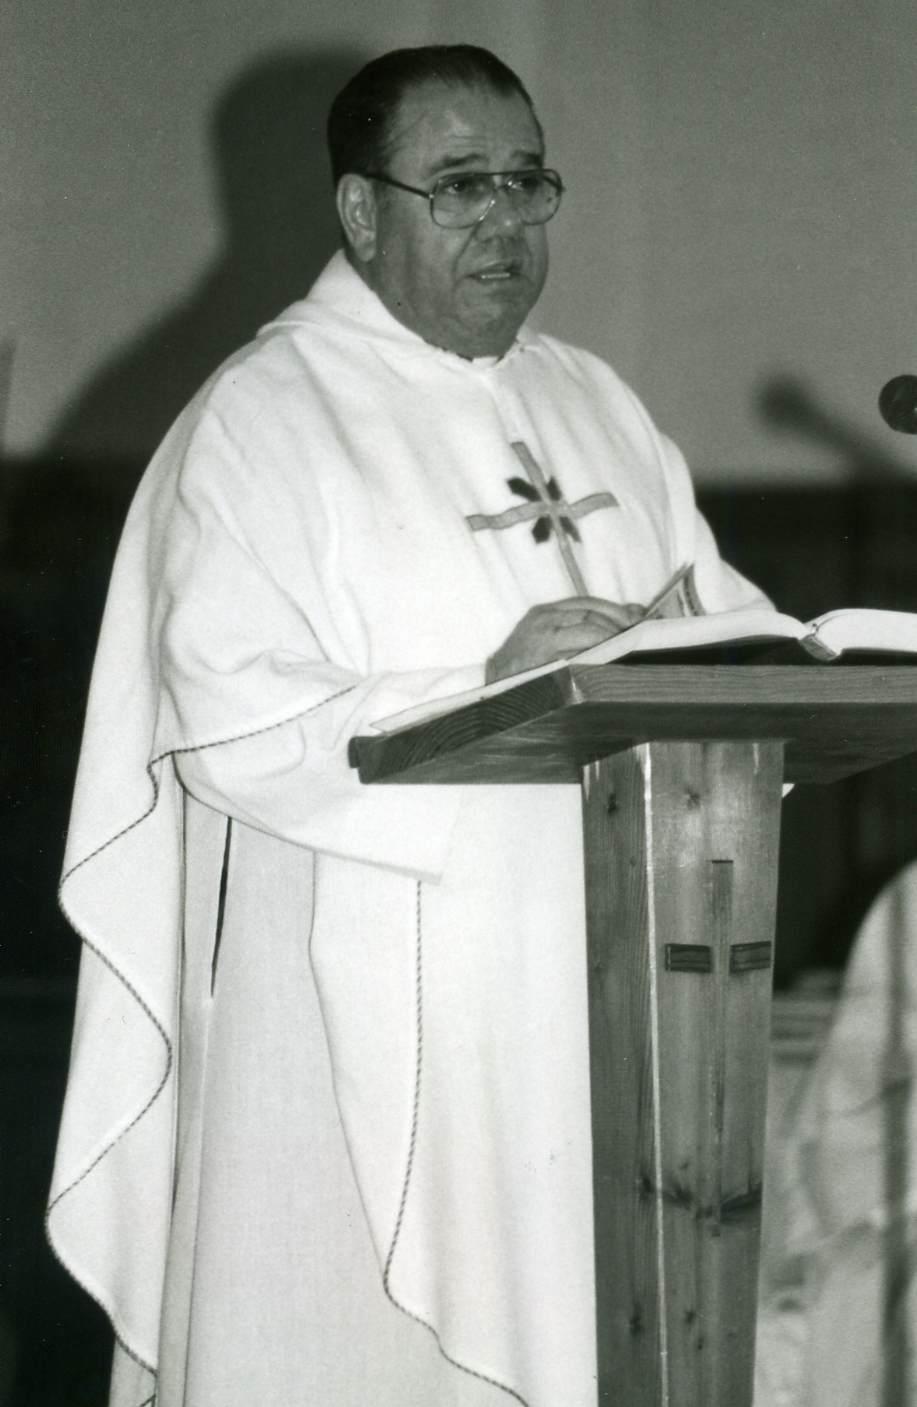 P. L. Rondeau